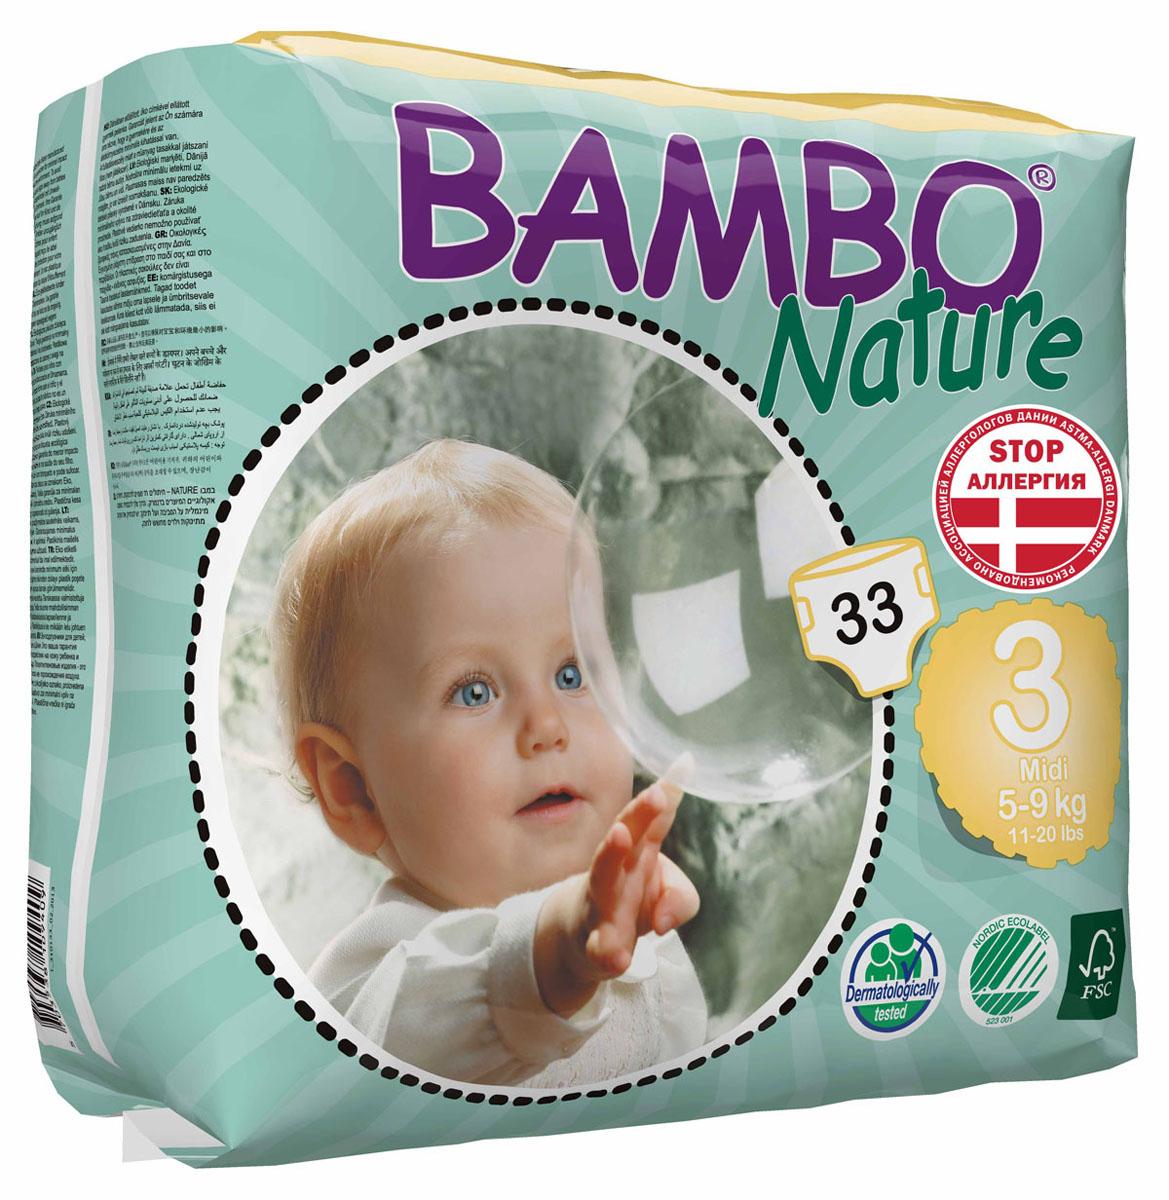 Bambo Nature Подгузники детские одноразовые Midi 5-9 кг, 33 шт310133Подгузники и трусики Bambo Nature содержат мягкую тканевидную заднюю часть и внутренний слой, что делает их исключительно нежными для кожи малыша. Они тоньше обычных подгузников, а воздухопроницаемый слой позволяет коже дышать, исключая «парниковый эффект». В перечень восхитительных свойств подгузников Bambo Nature также входят и эластичные боковые вставки. Супер-слой распущенная целлюлоза и сверх-сухая система обеспечивает быстрое впитывание и оставляет поверхность сухой. Поэтому для вас и вашего малыша каждое утро будет добрым. Bambo Nature - одни из наиболее экологически чистых подгузников на рынке. В перечень восхитительных свойств подгузников Bambo Nature также входят и эластичные боковые вставки. Проверено дерматологами.